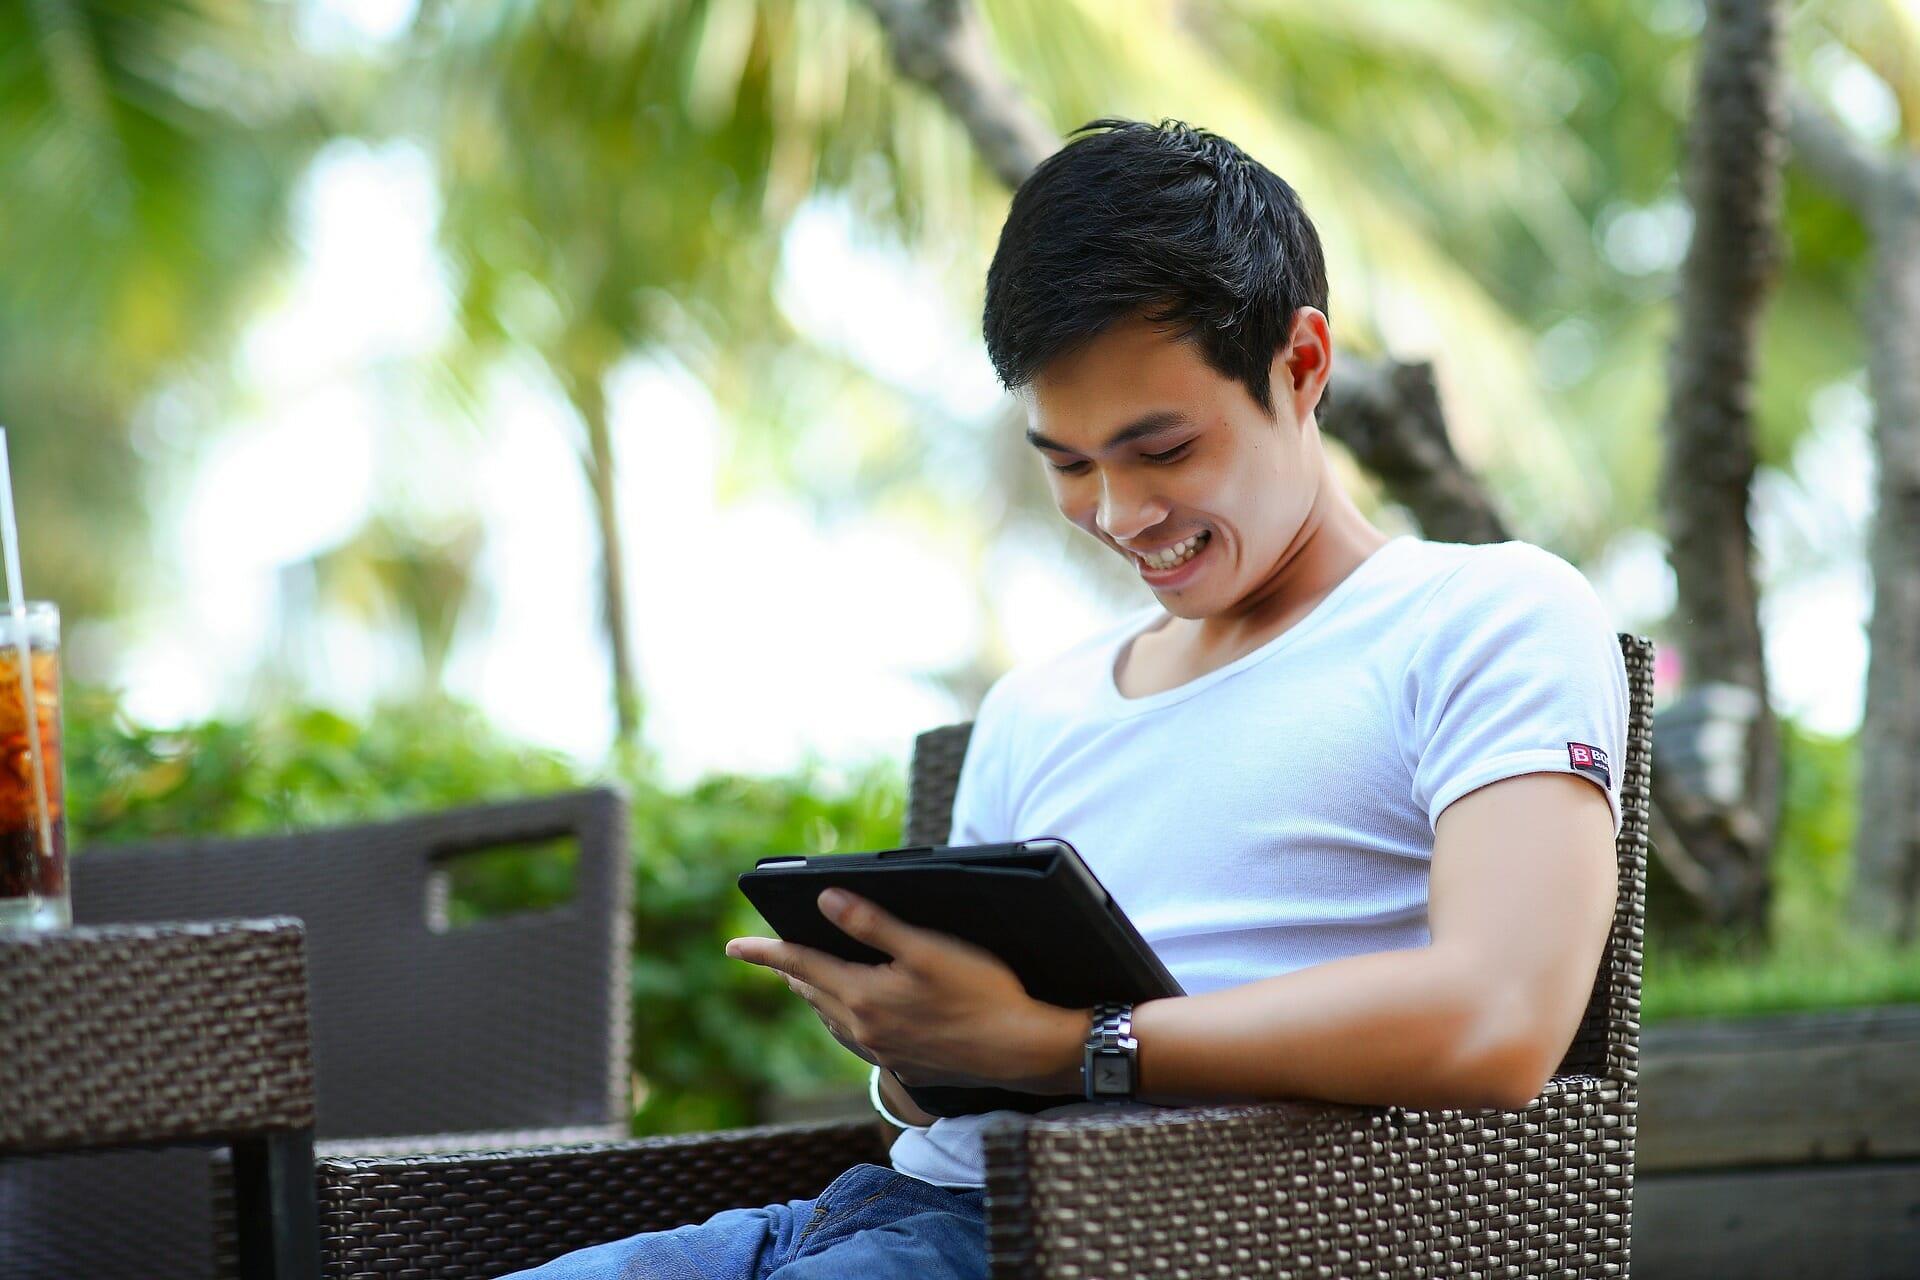 Man looking at his iPad